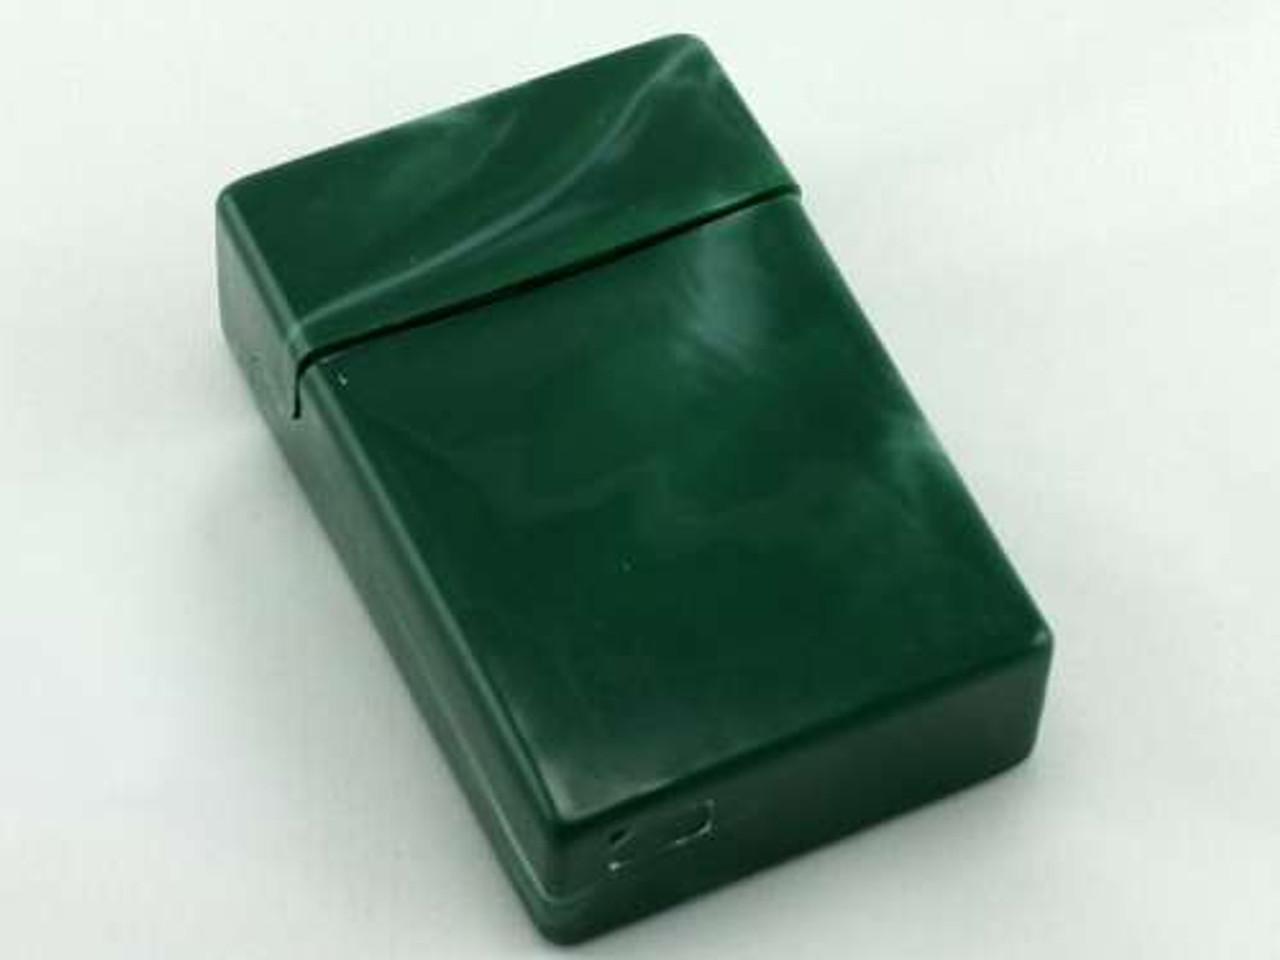 Green Swirl Cigarette Pack Holder